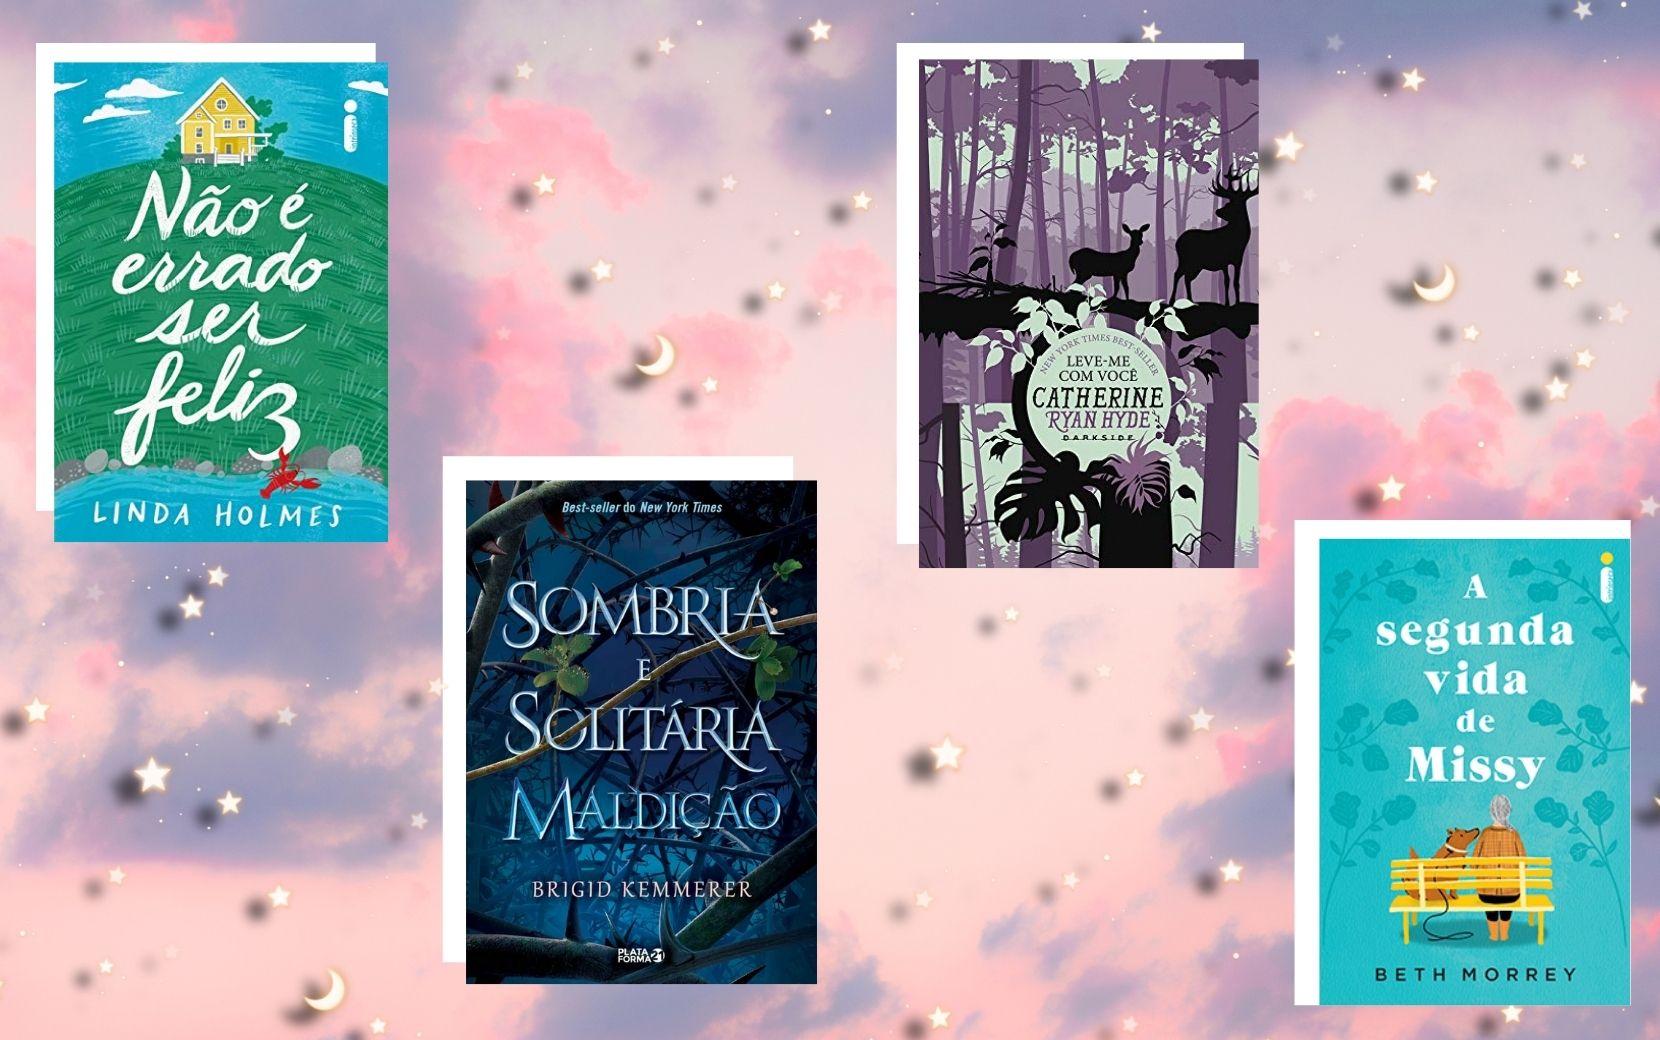 Cantinho Literário Todateen: 4 livros para ler em fevereiro